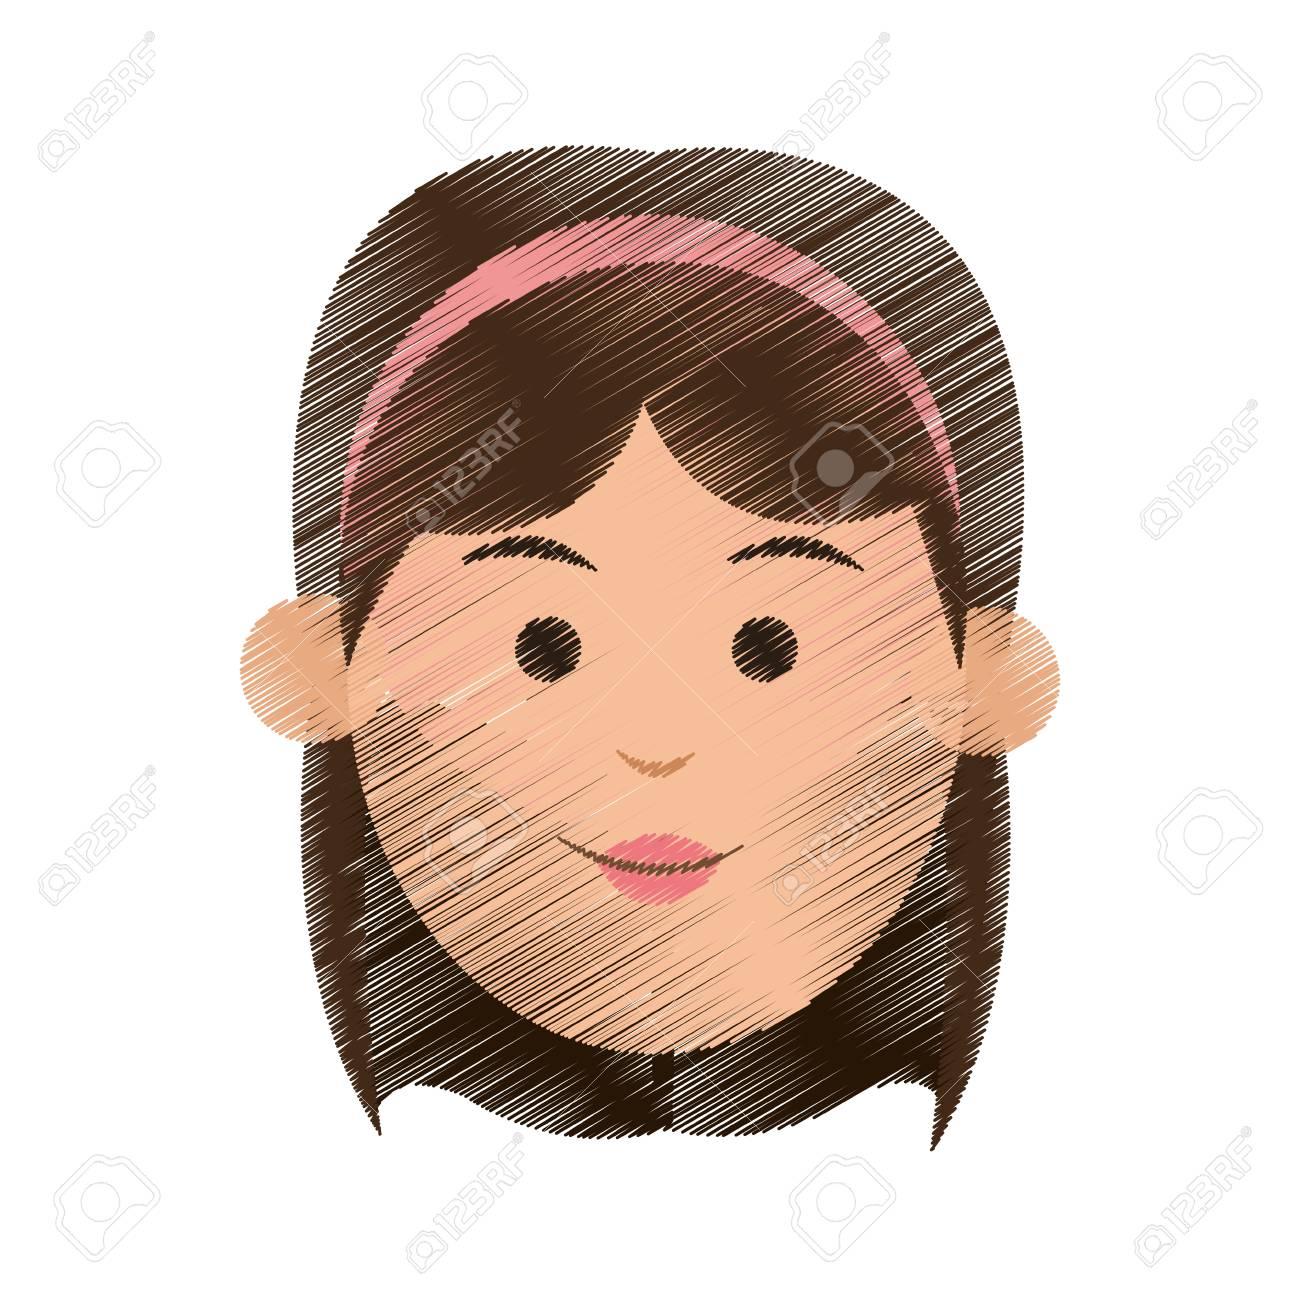 jeune femme avec des cheveux courts et bandeau icône image vector  illustration design.